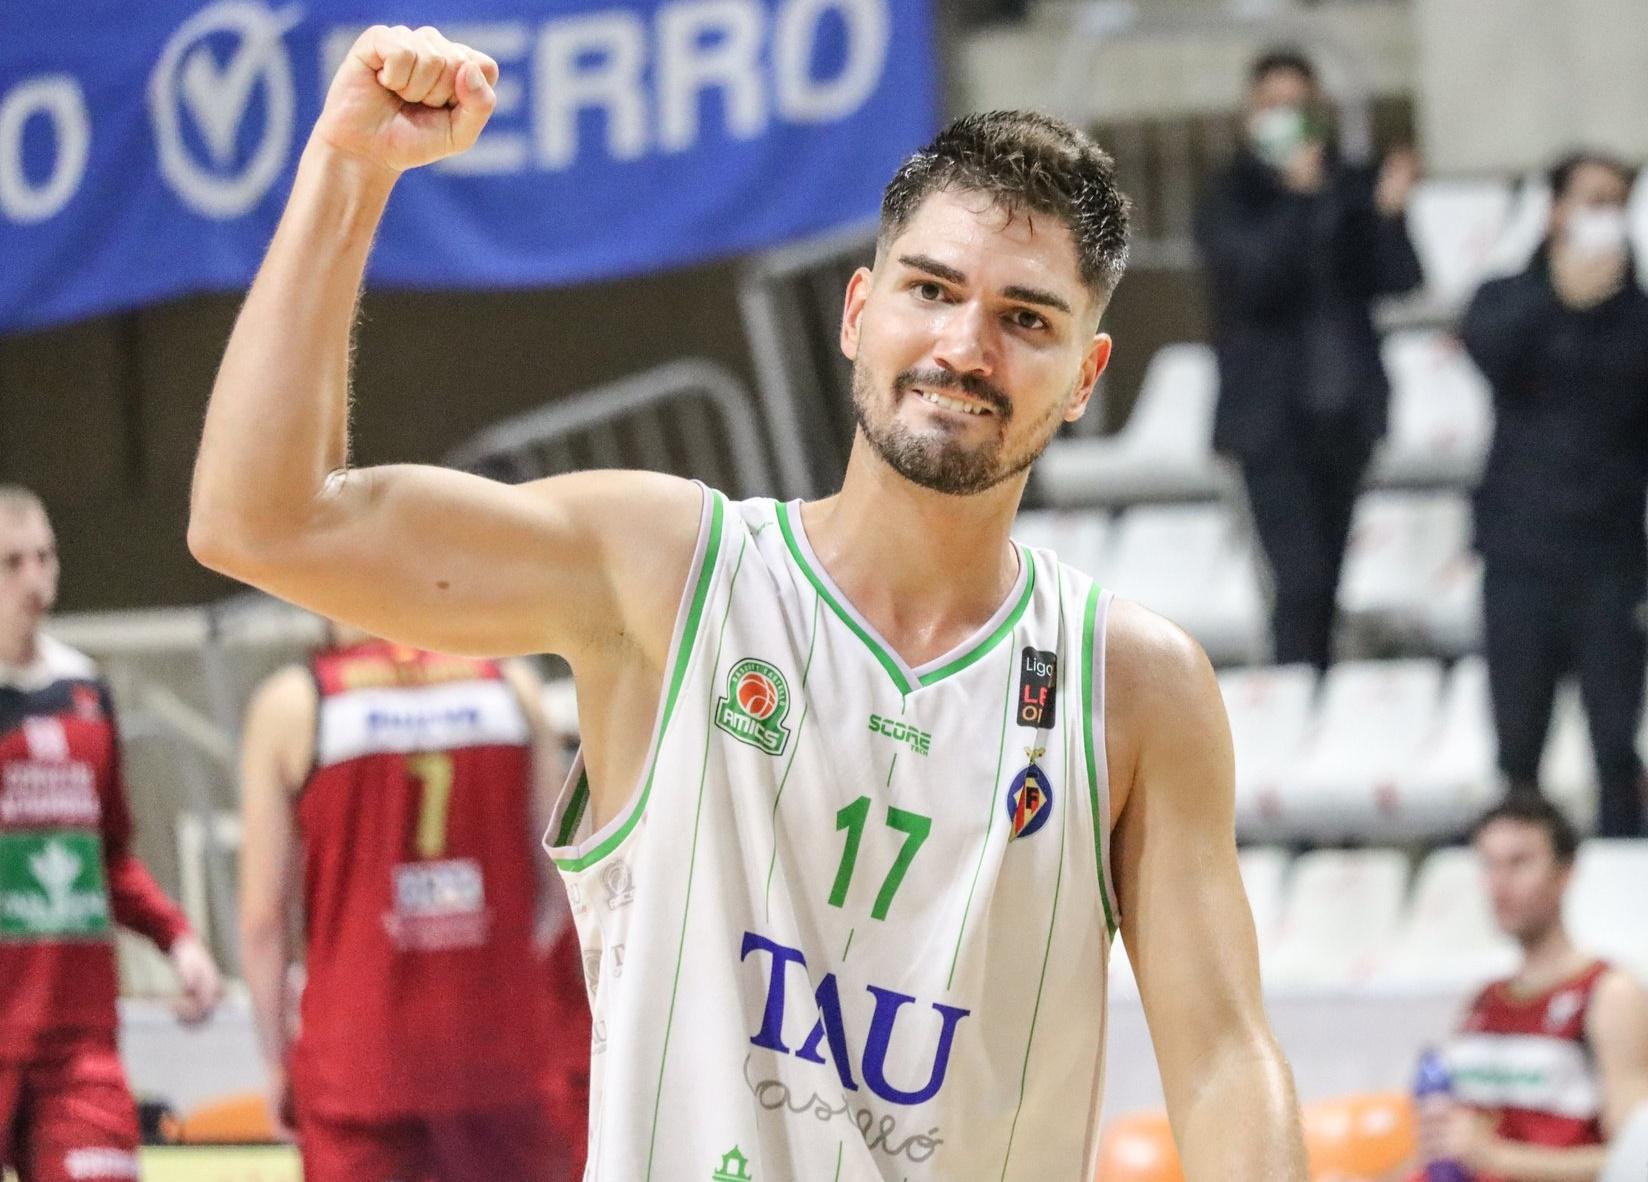 Óscar Alvarado quiere ascender y jugar ACB en Castellón